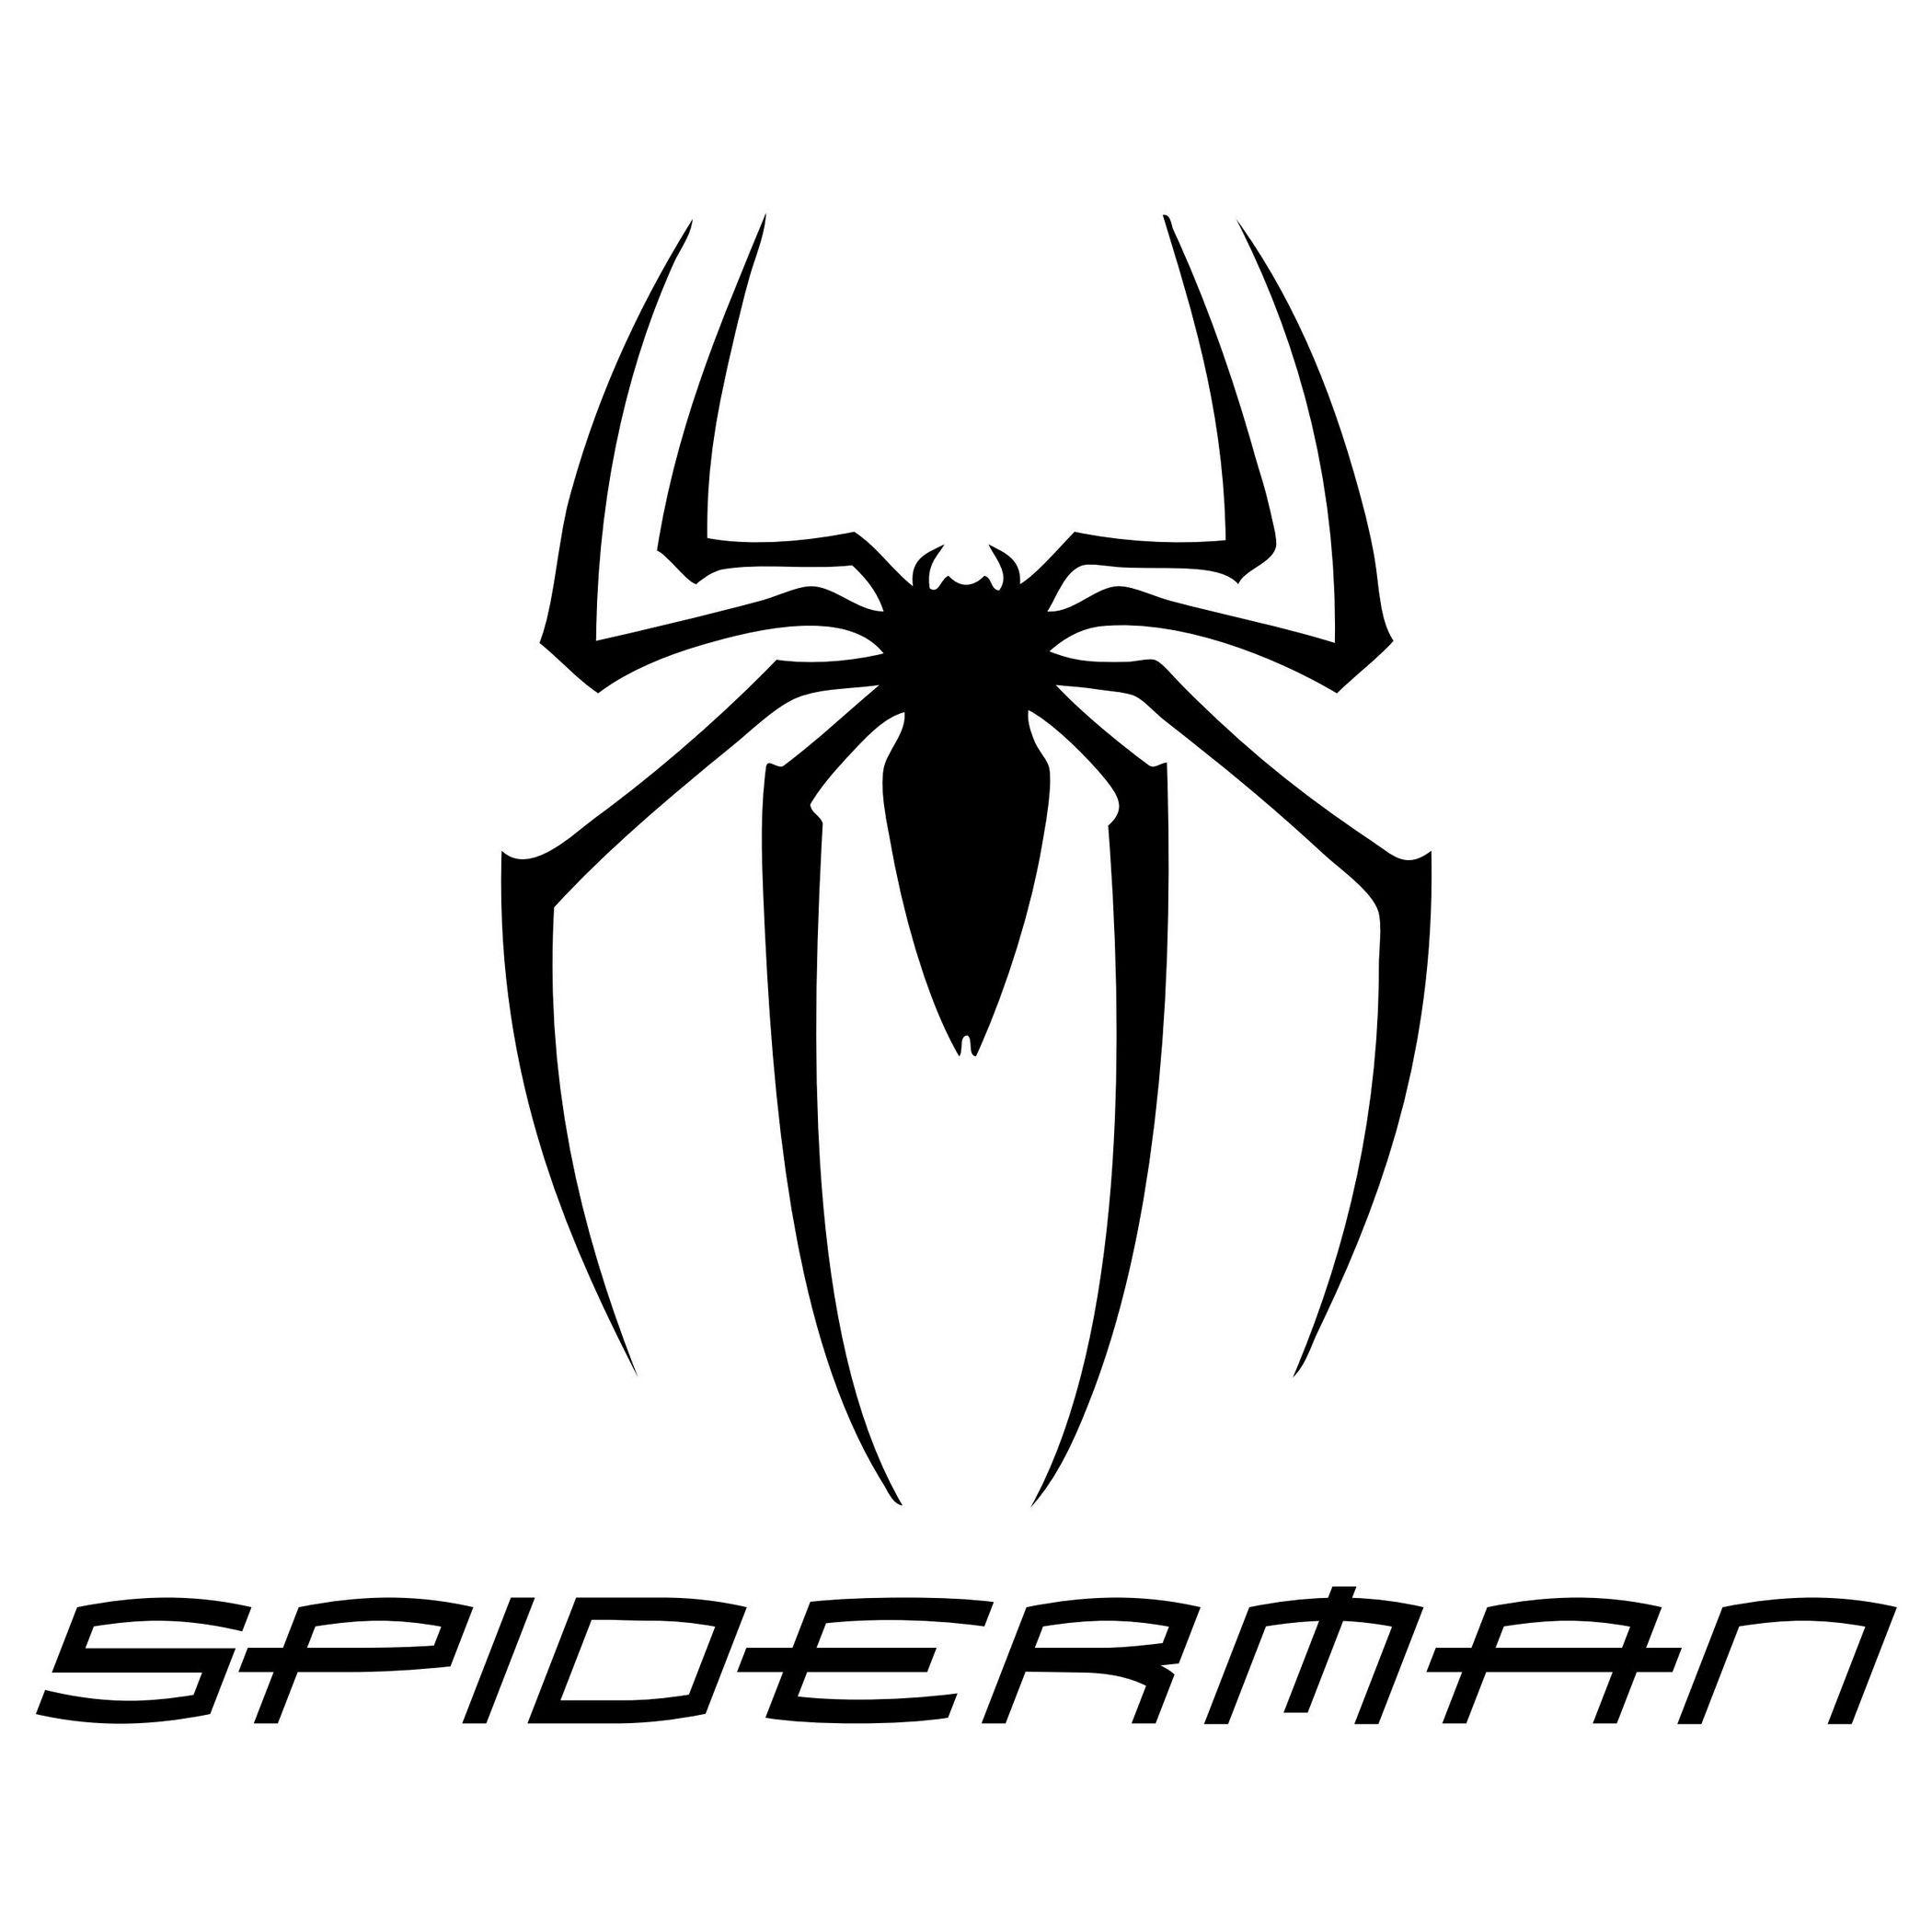 1 views decal silhouette logos prints pinterest spiderman rh pinterest com au spider man 4 spider logo spiderman back spider logo